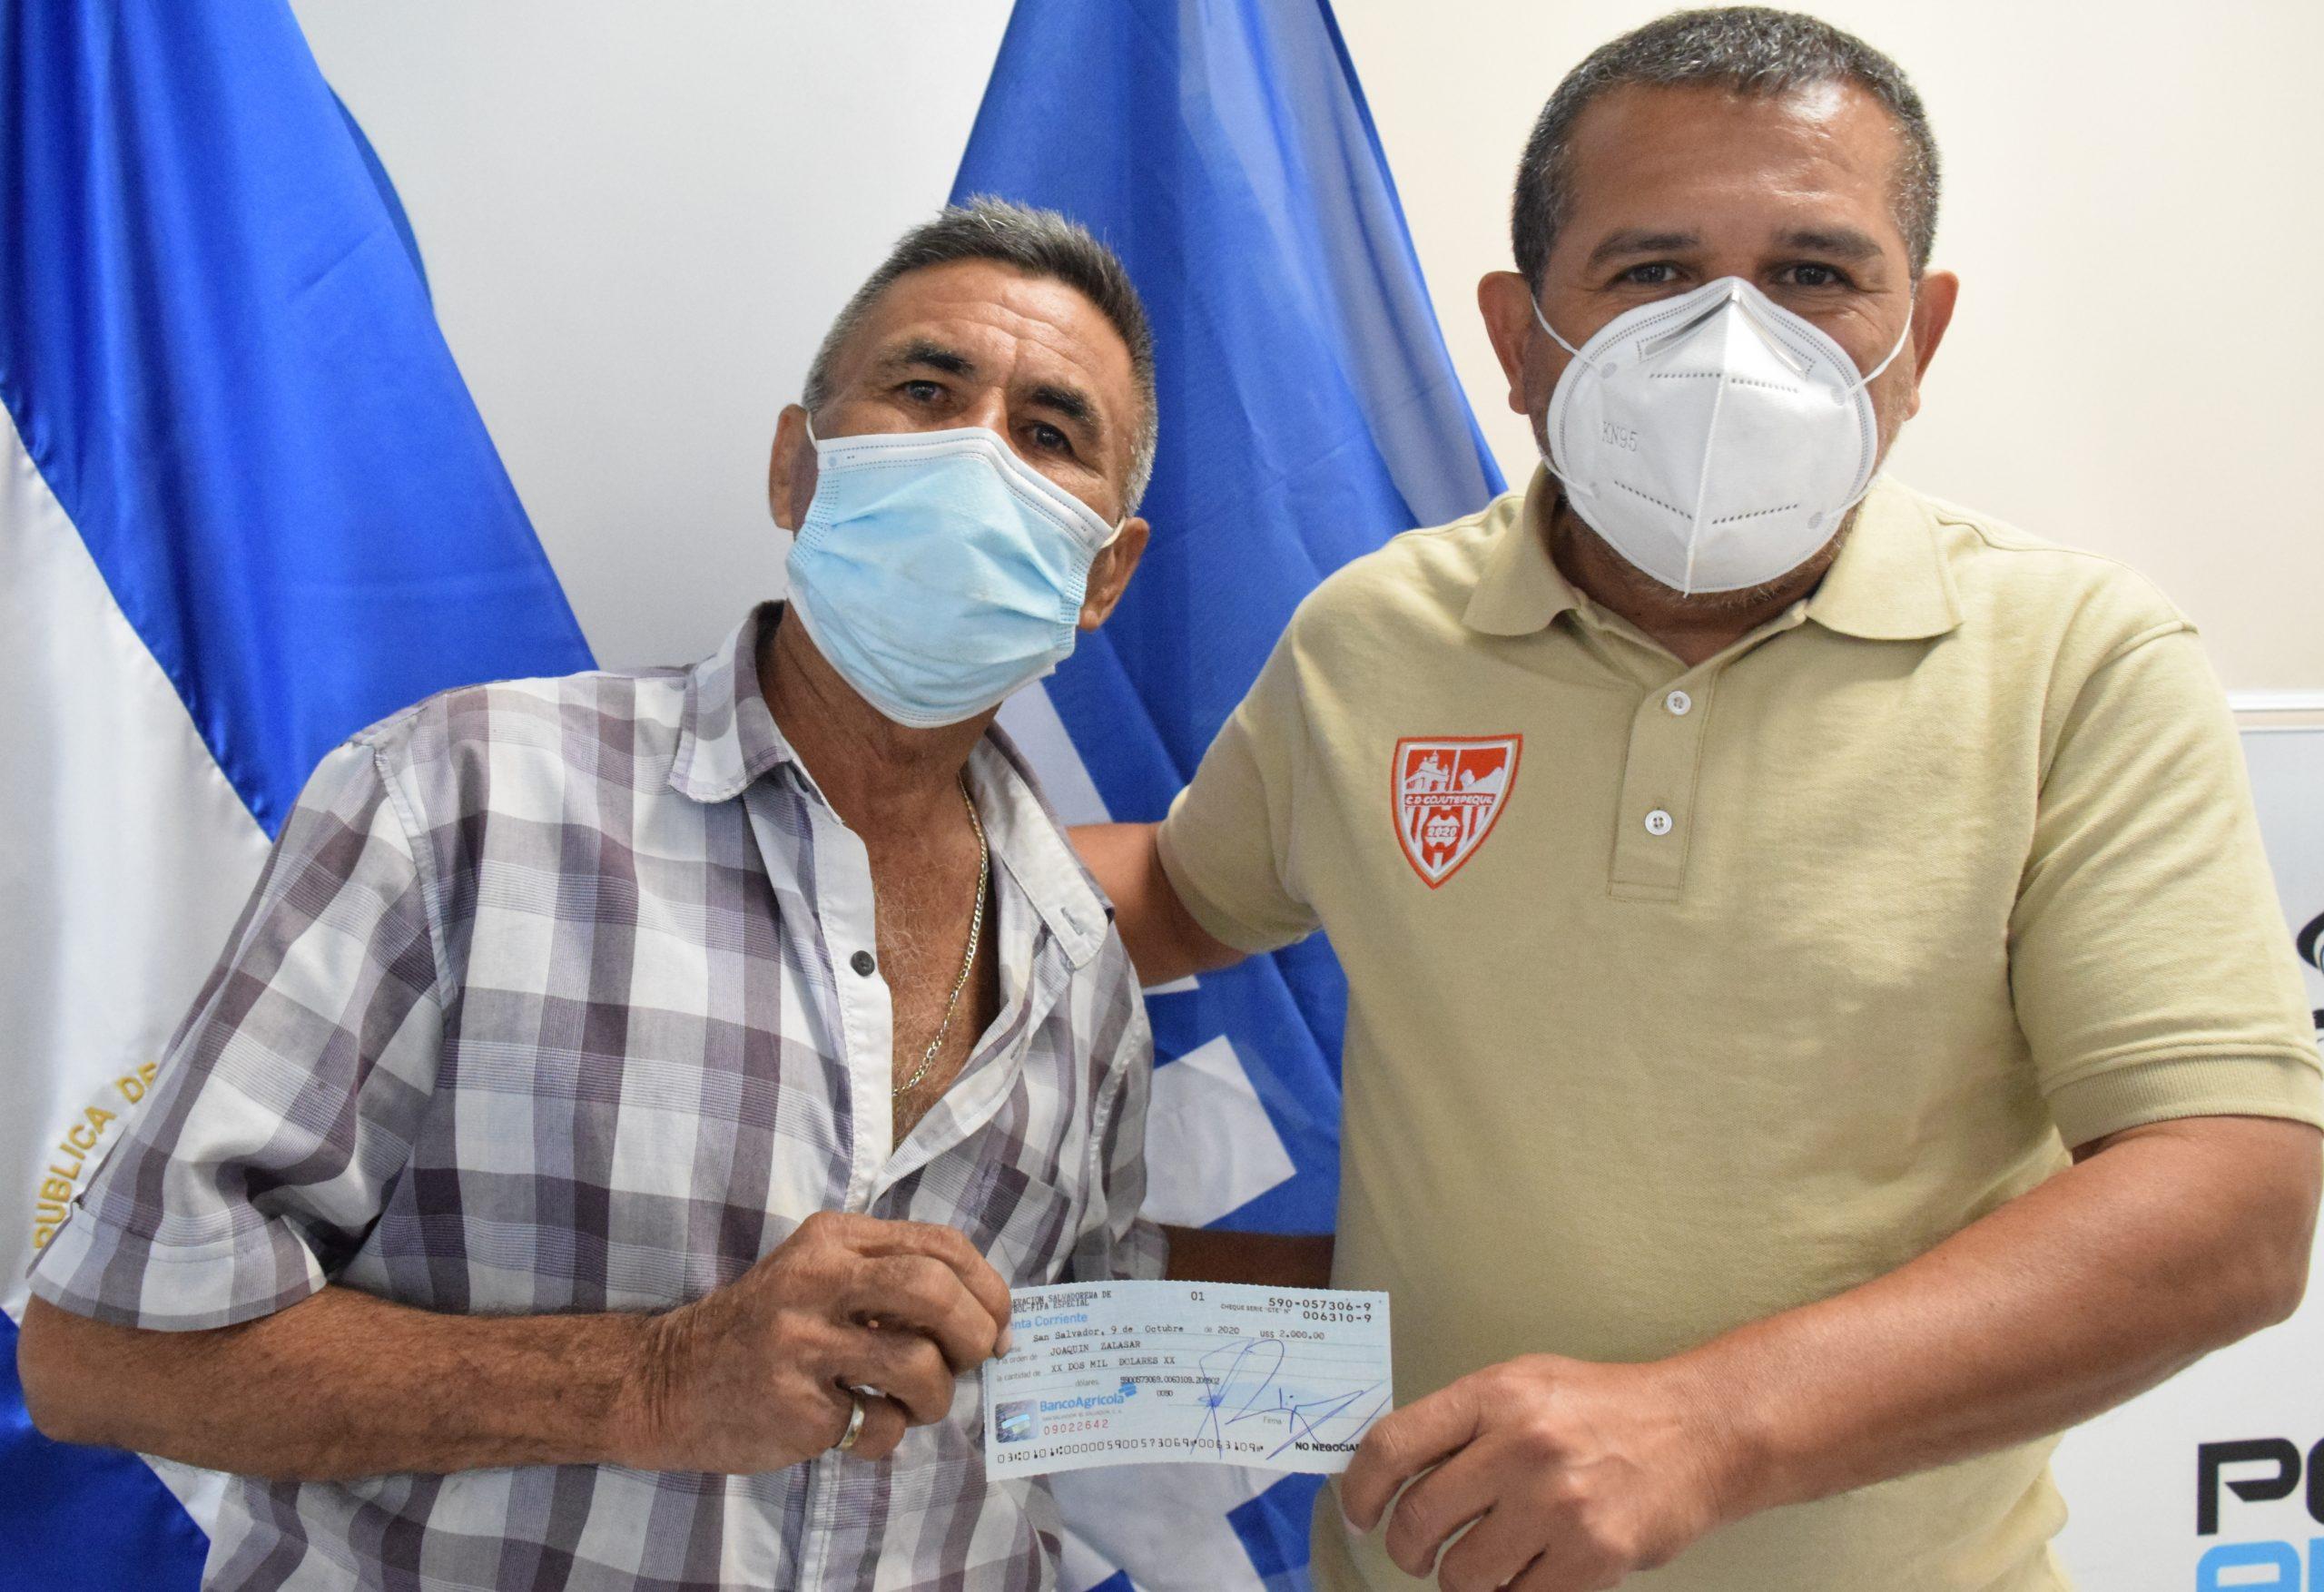 Señor Joaquín Salazar de Club Deportivo Fuerte San Isidro de Tacachico, La Libertad